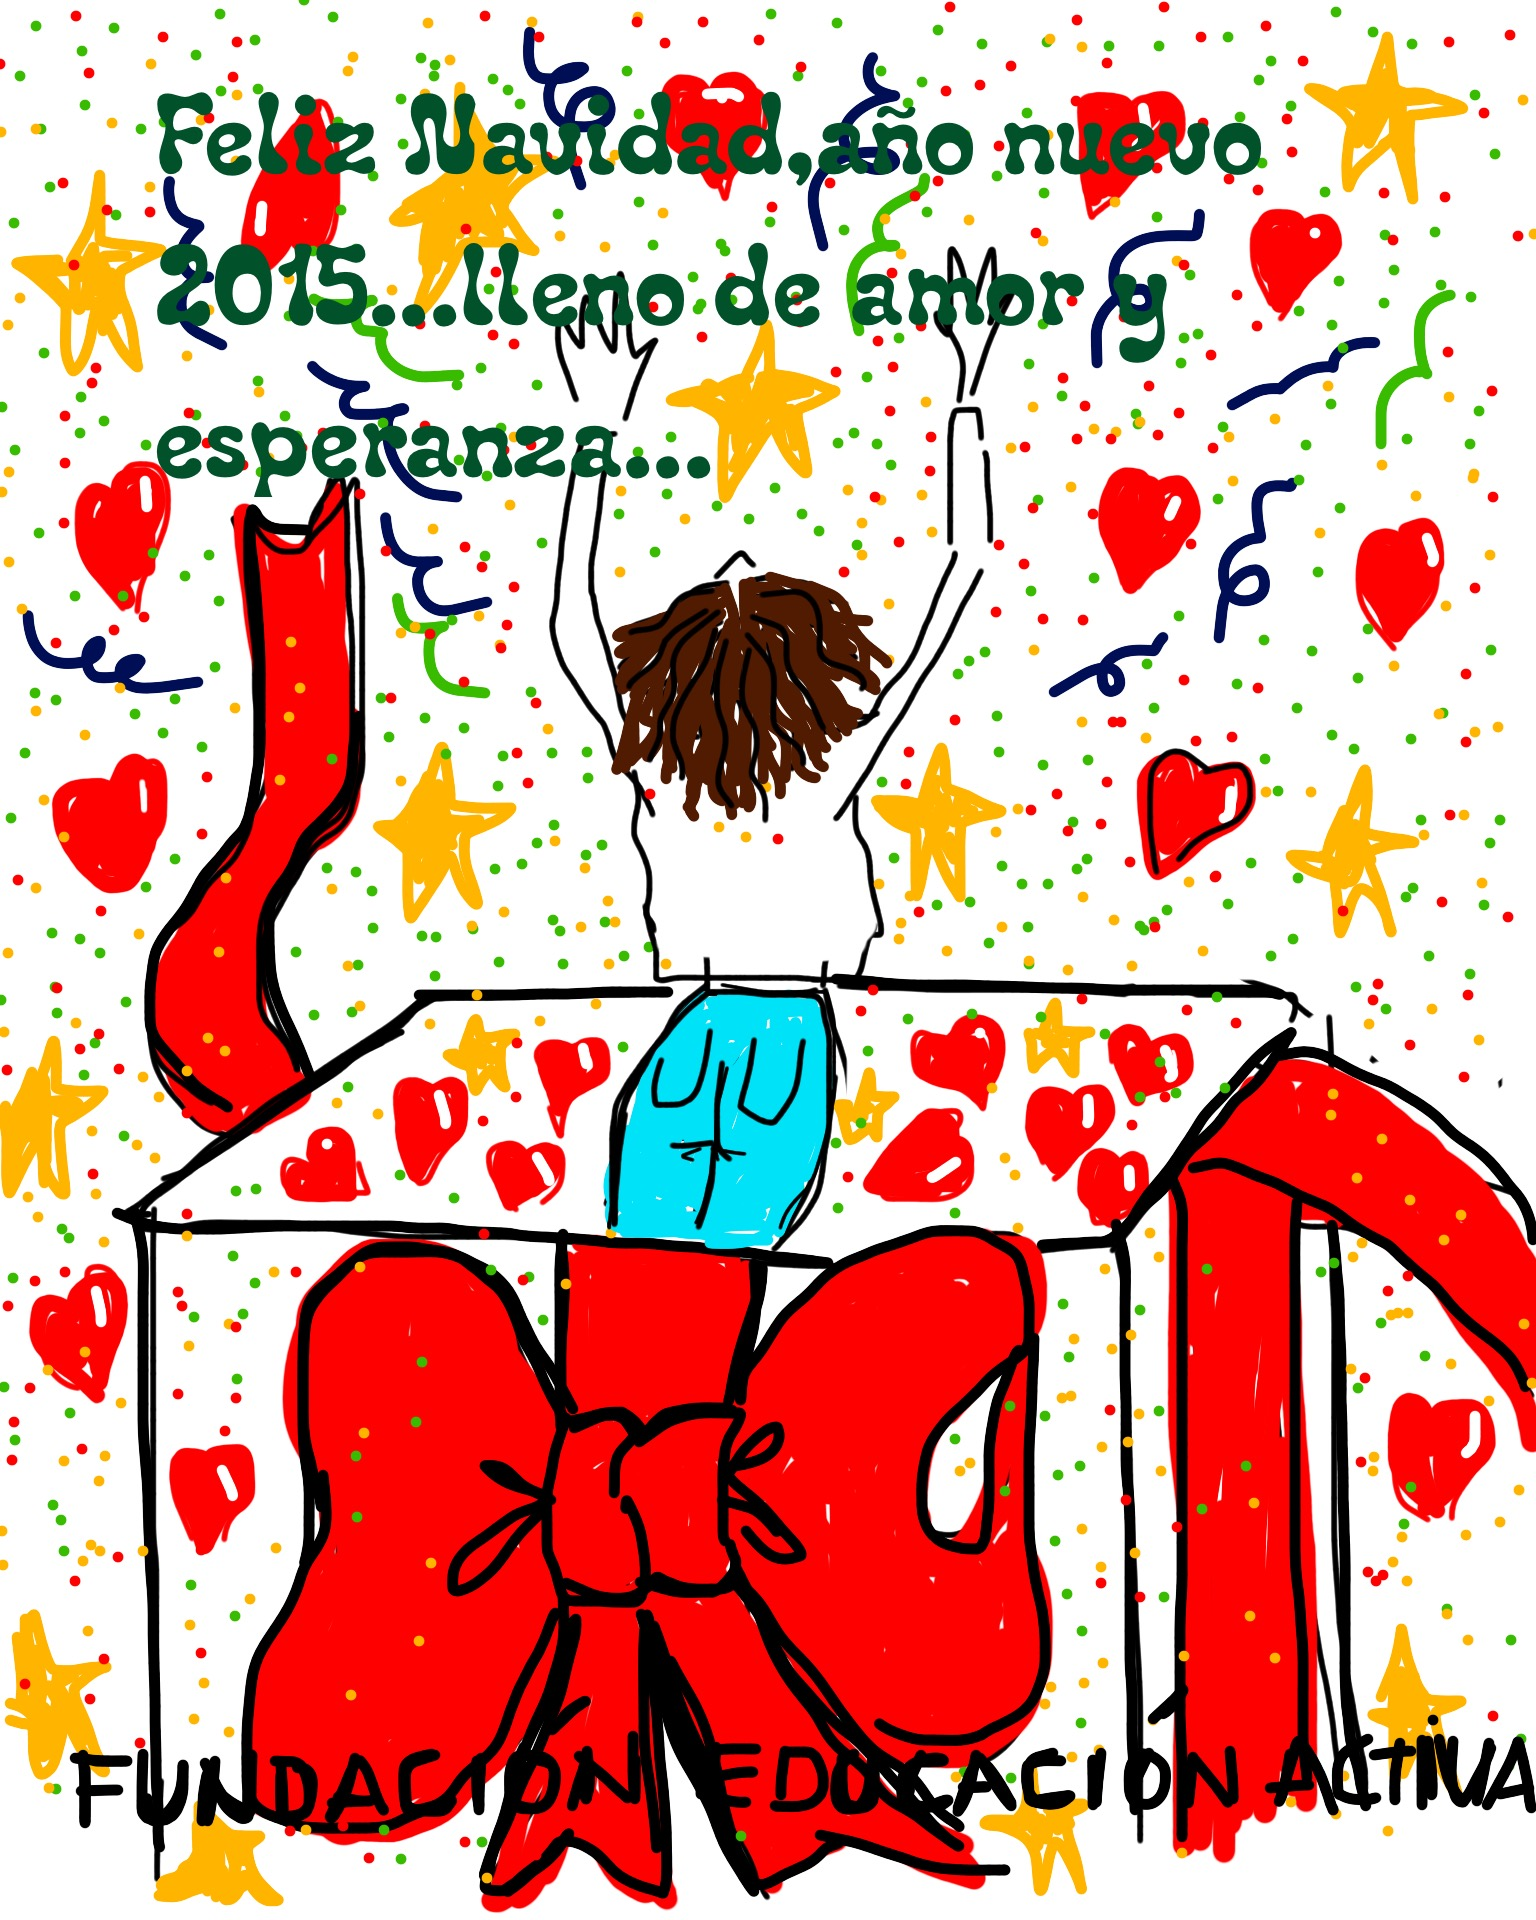 Fundación Educación Activa os desea una Feliz Navidad y un 2015 lleno de amor y esperanza